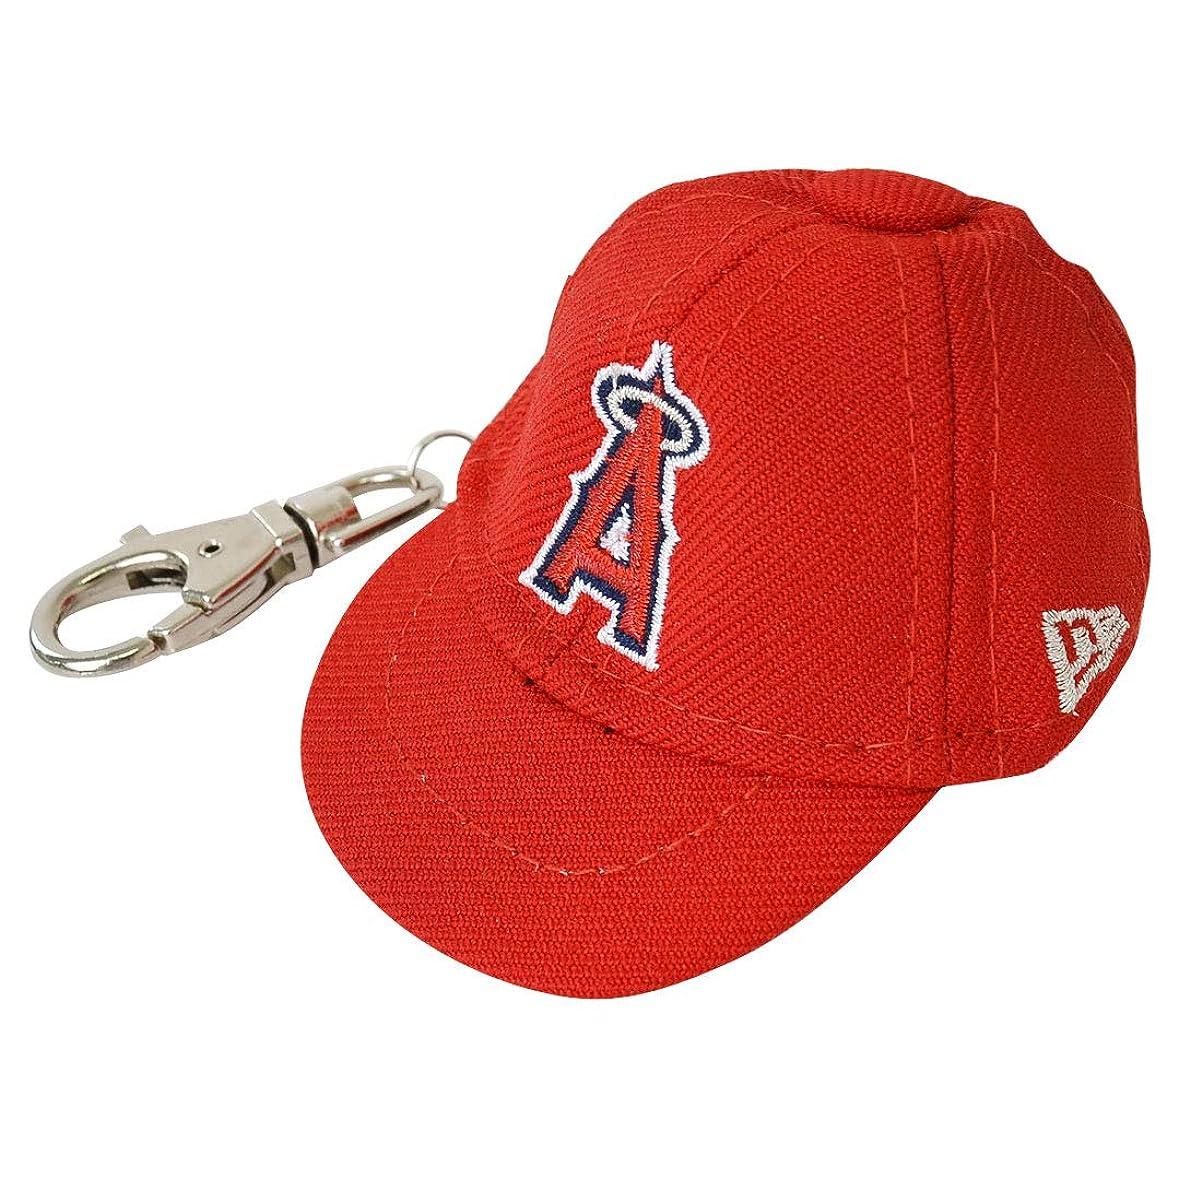 部吹雪ルー(ニューエラ)NEW ERA キーホルダー キャップ ミニ 59FIFTY NY ニューヨーク ヤンキース 帽子 鍵 ベースボール